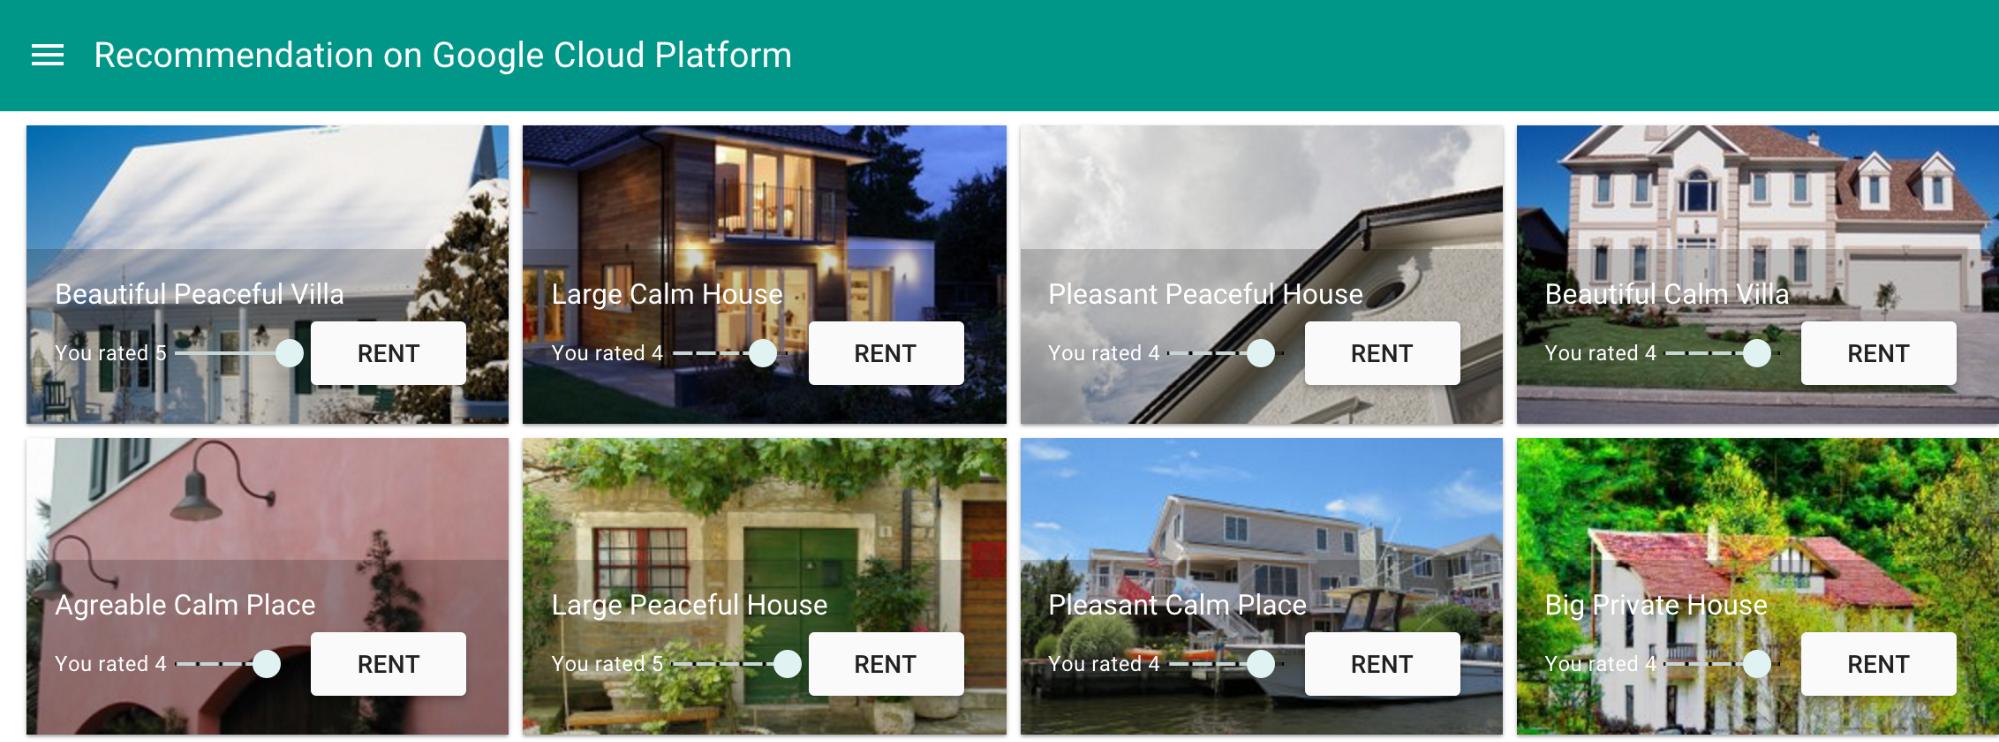 A interface do usuário ativa propriedades de aluguel para temporada